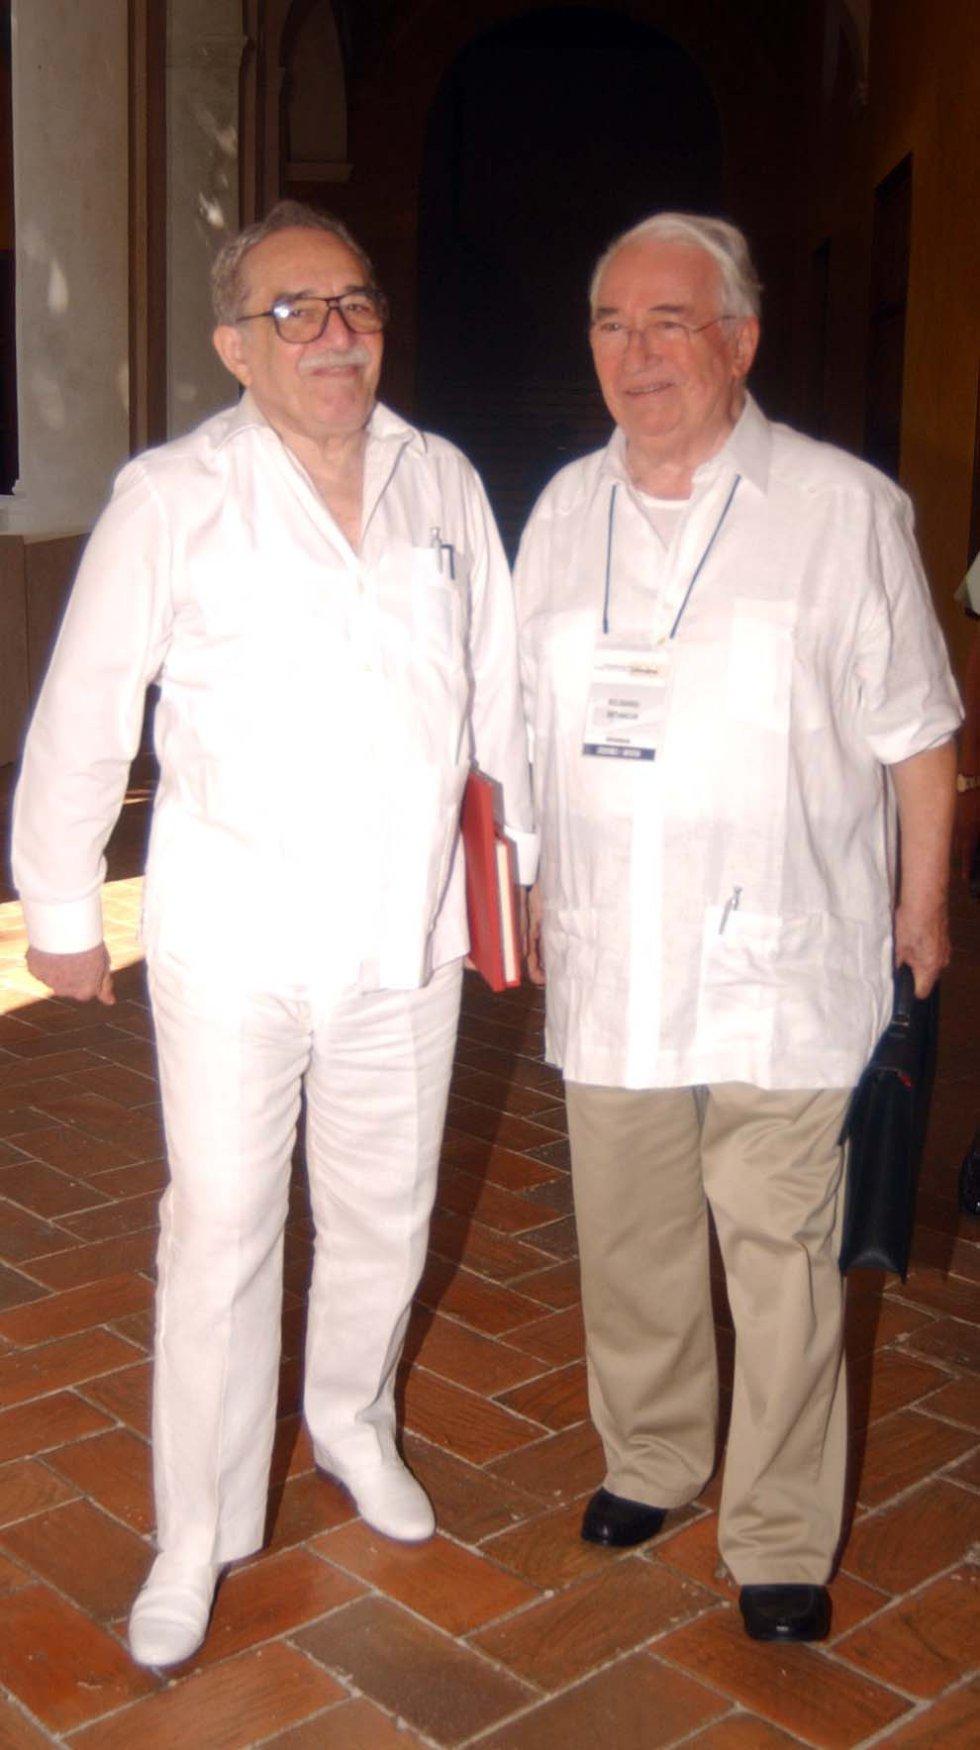 El ex presidente de Colombia, Belisario Betancur y el premio nobel de literatura, Gabriel García Márquez caminando juntos en Cartagena